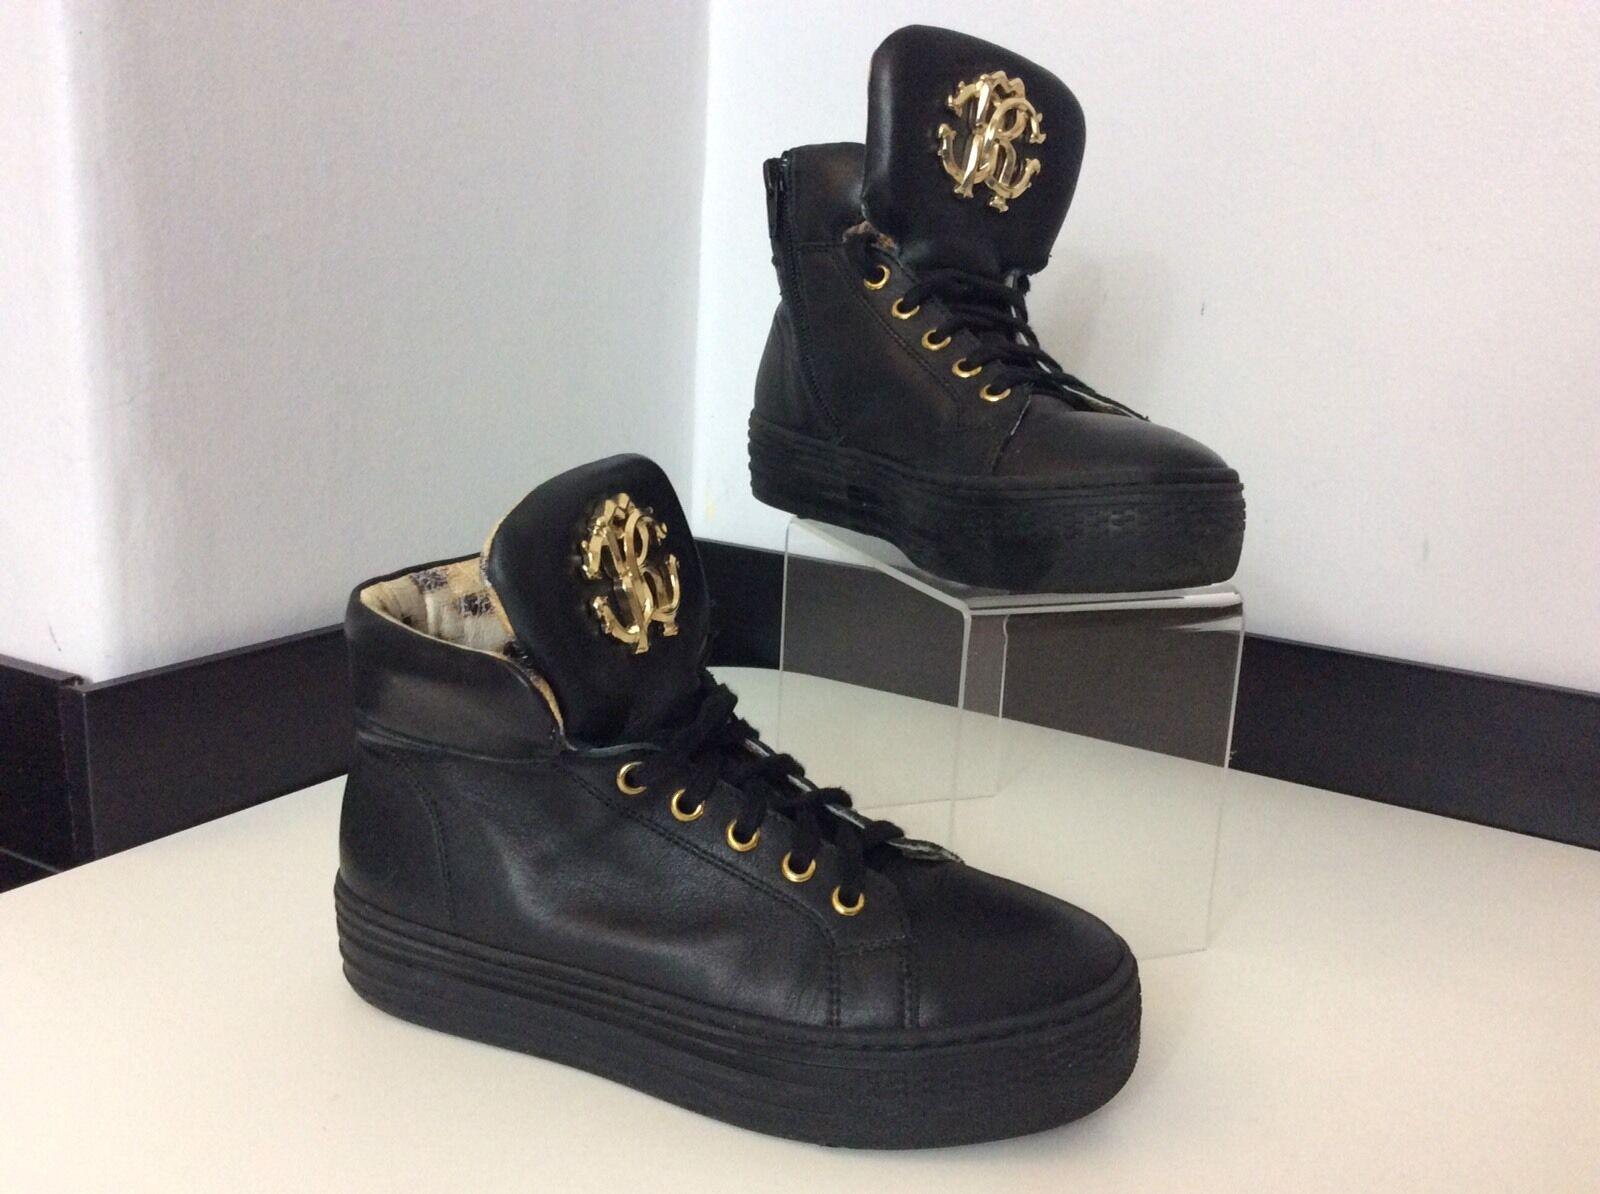 ROBERTO CAVALLI schwarz Leder Ankle Stiefel Größe 35 Hi Uk 2.5 Vgc Gold Hi 35 Tops d54ace